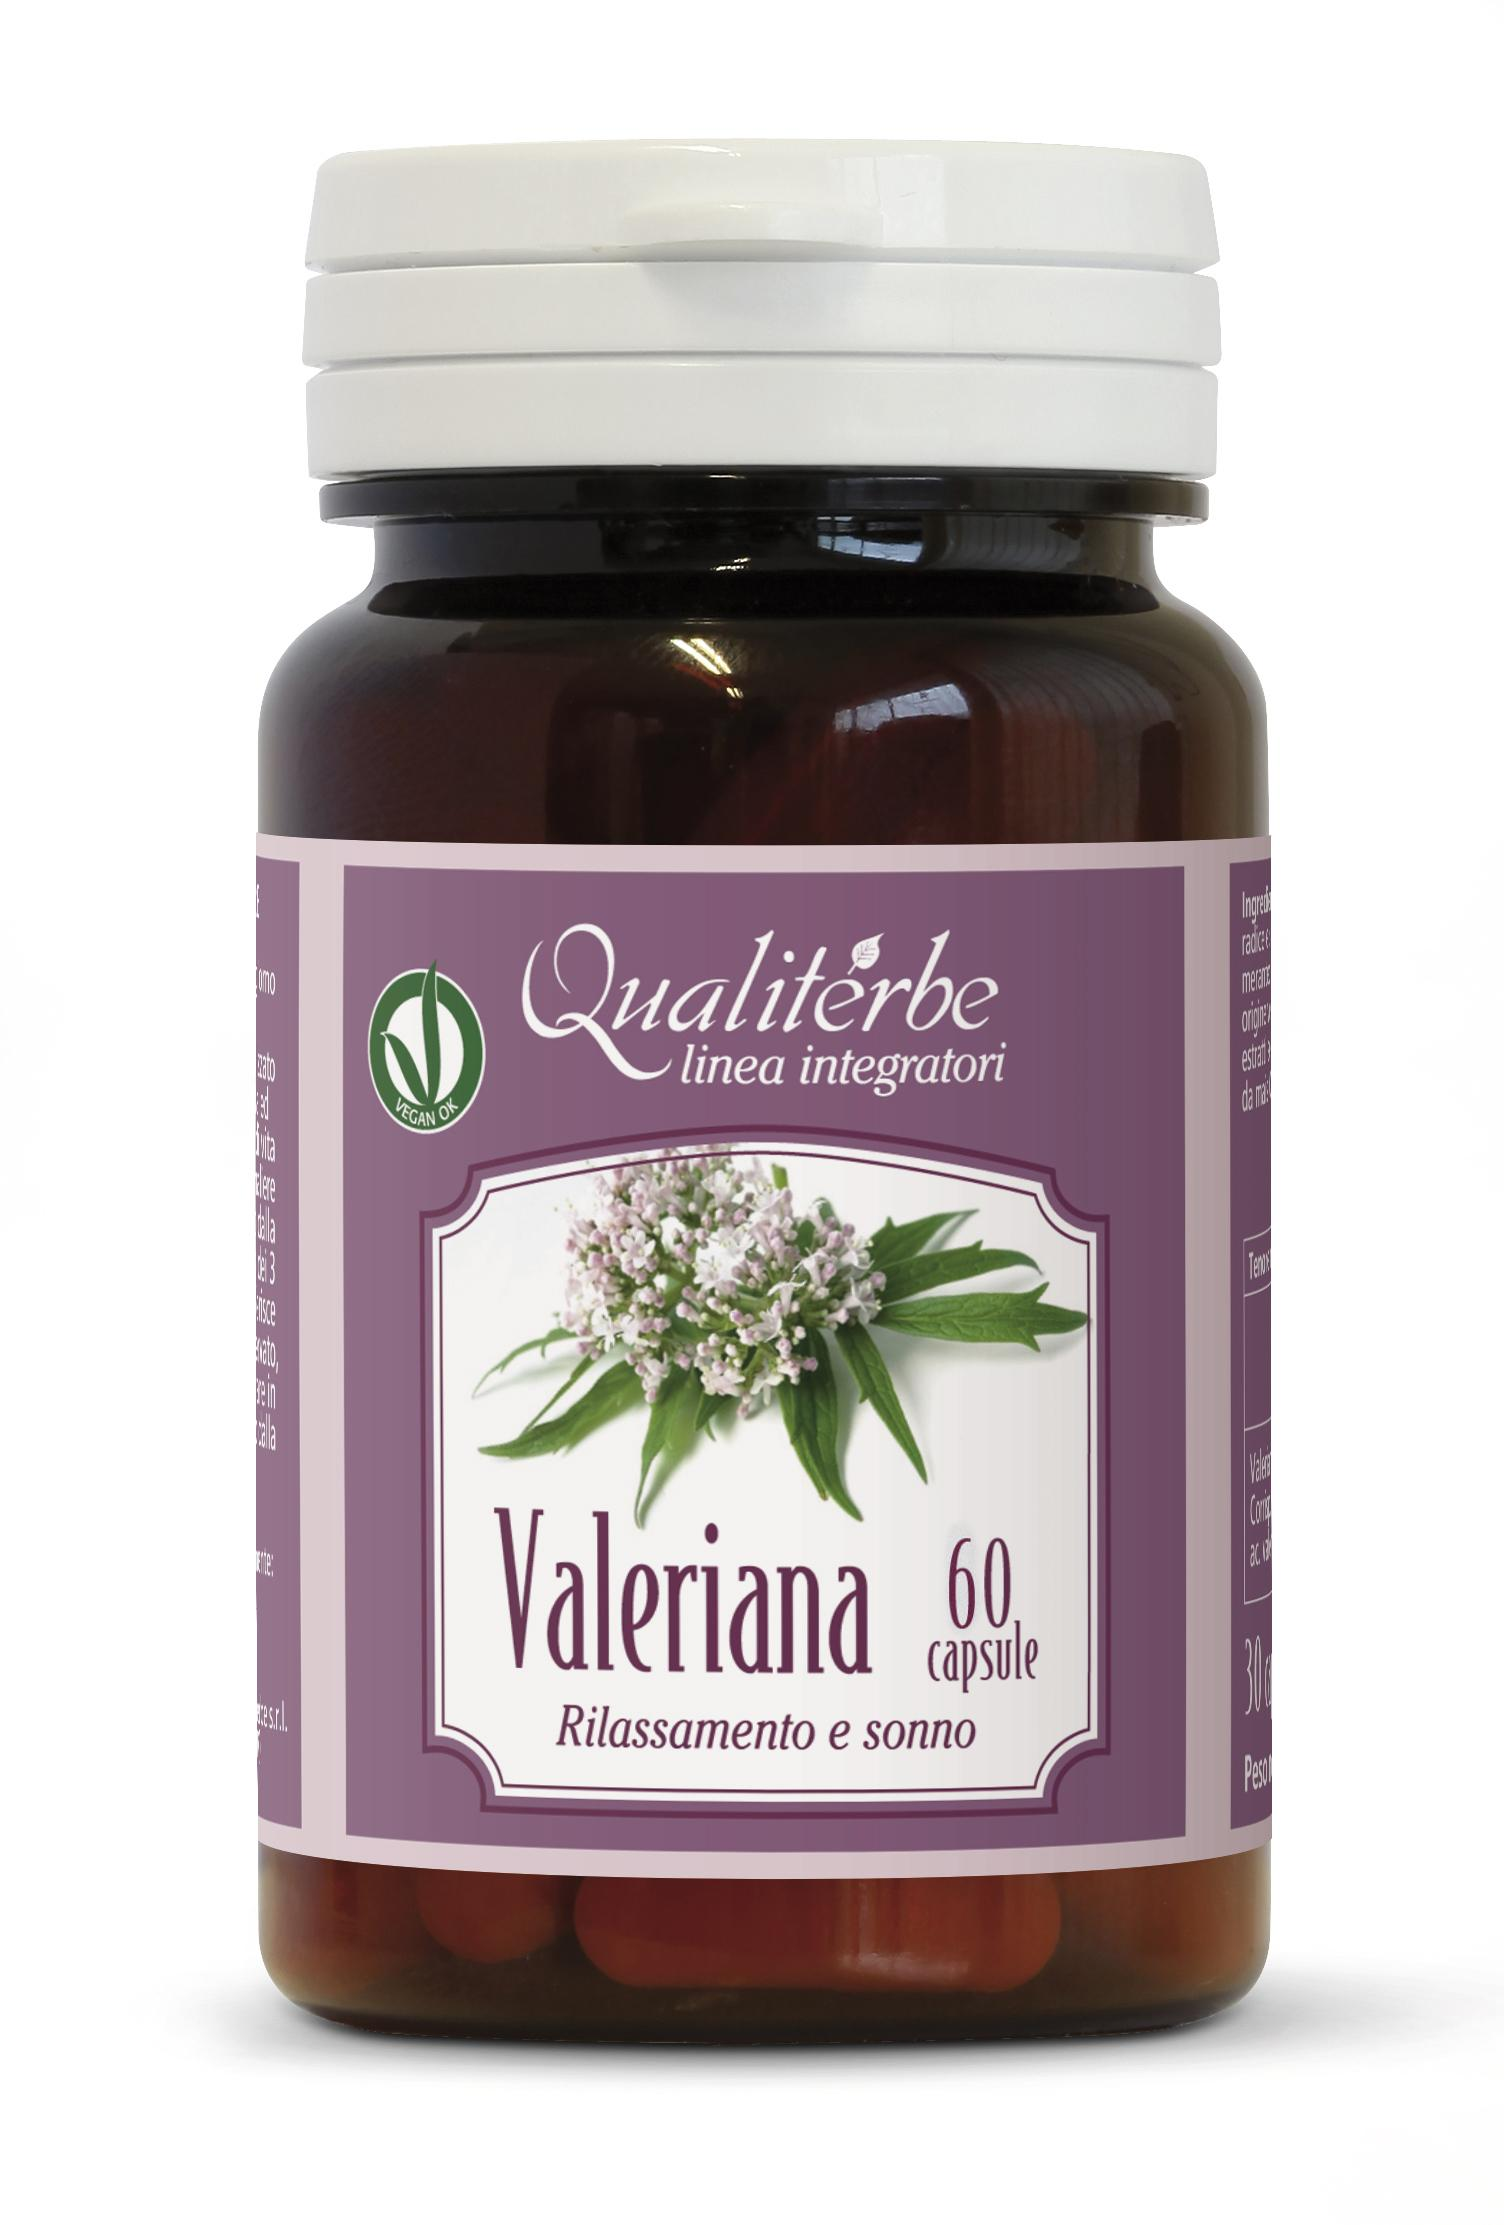 Valeriana 60 Capsule (Rilassamento e sonno)